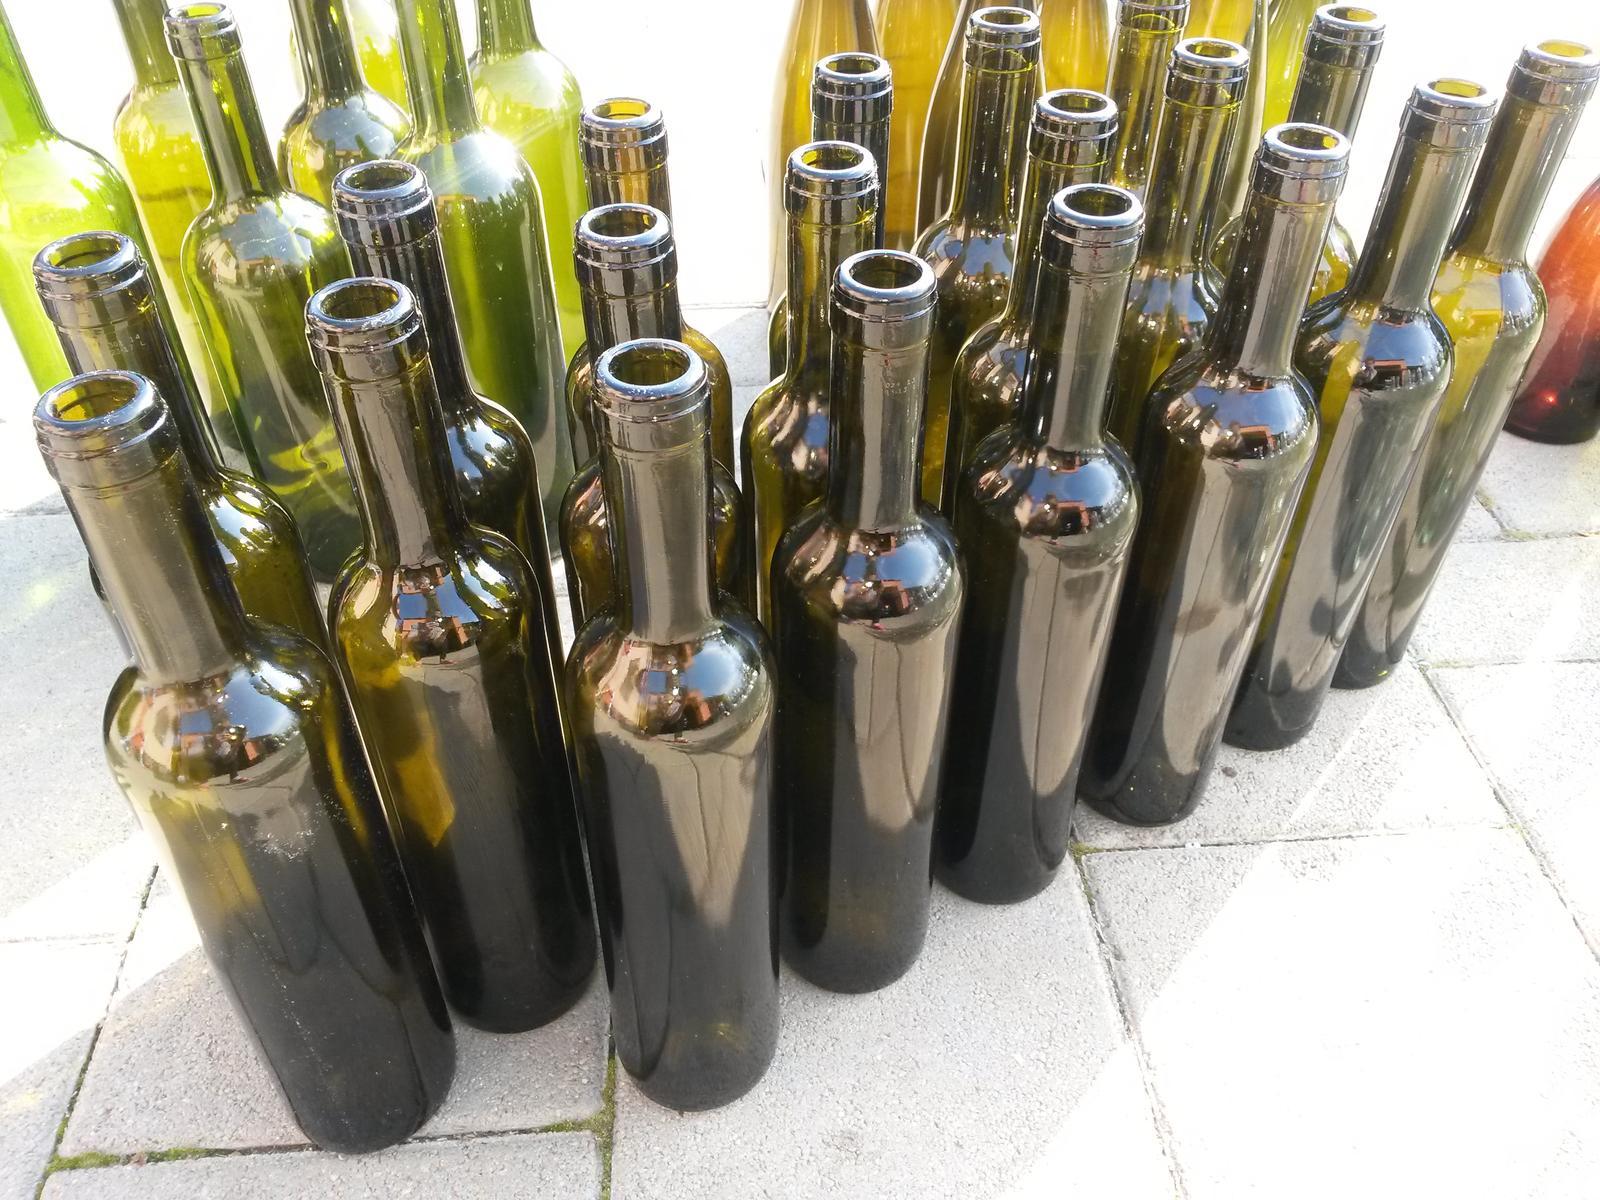 Fľaše sklenené - Obrázok č. 1